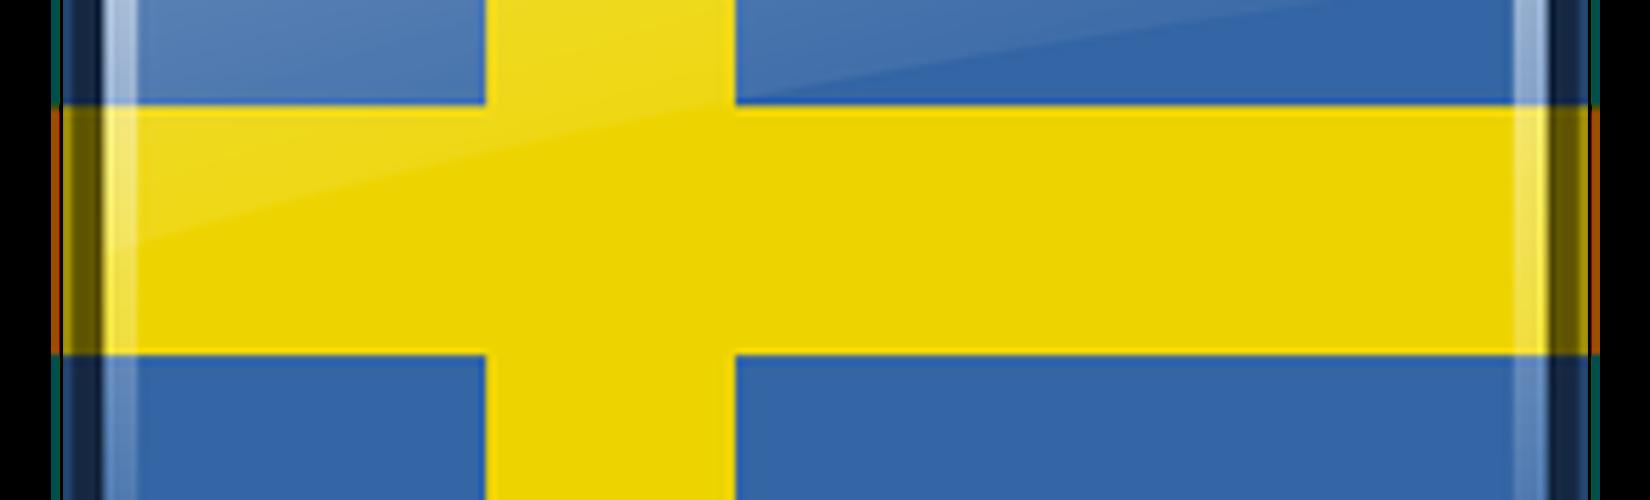 Švedski za početnike (A1 nivo)